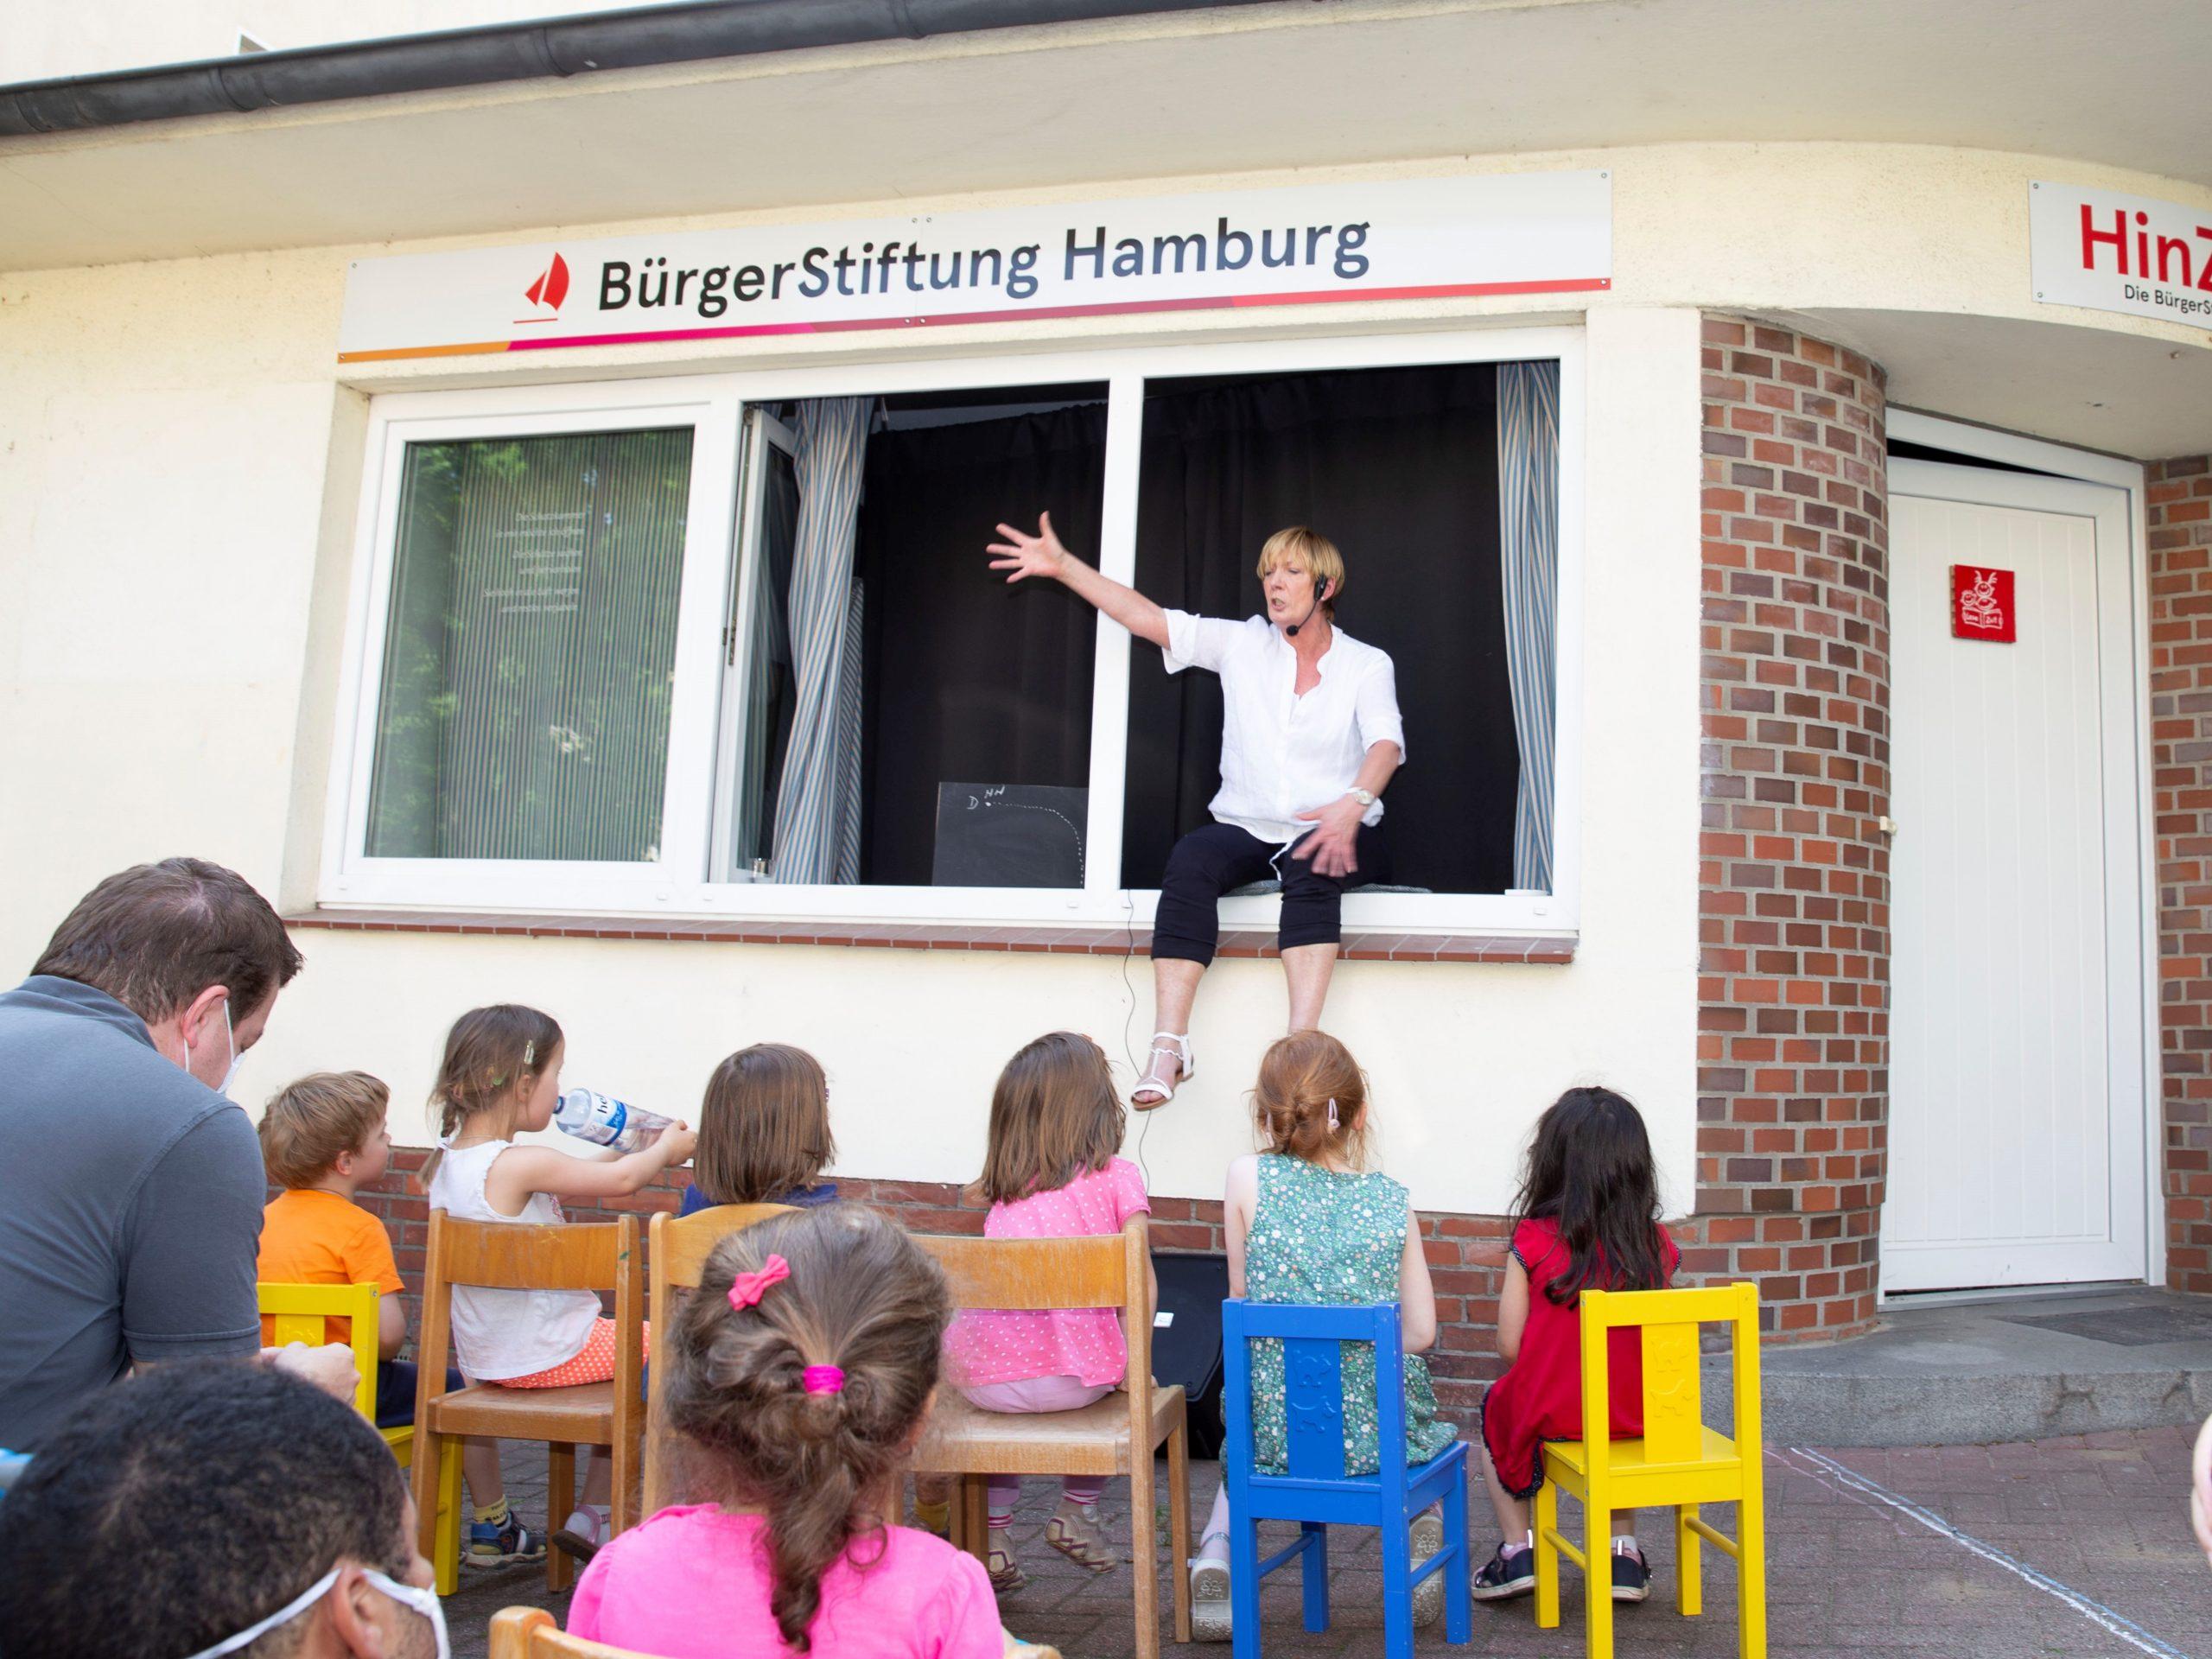 Foto: Kirsten Haarmann -Das HinZimmer steht allen Harburger offen. Für Kinder  wird es regelmäßig Vorlesungen geben.